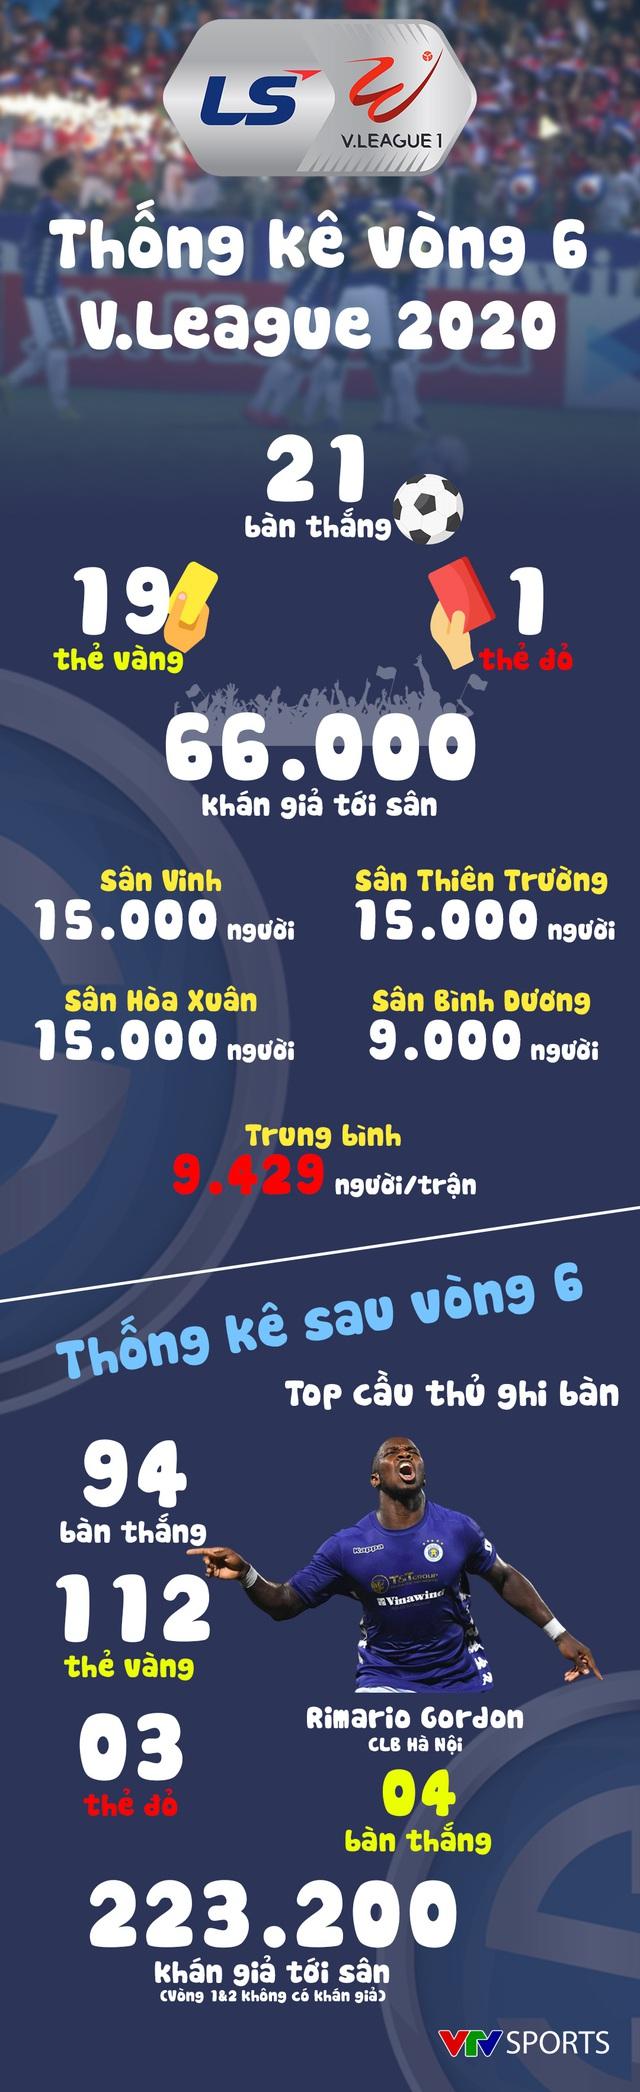 Infographic: Các số liệu thống kê Vòng 6 V.League 2020 - Ảnh 1.